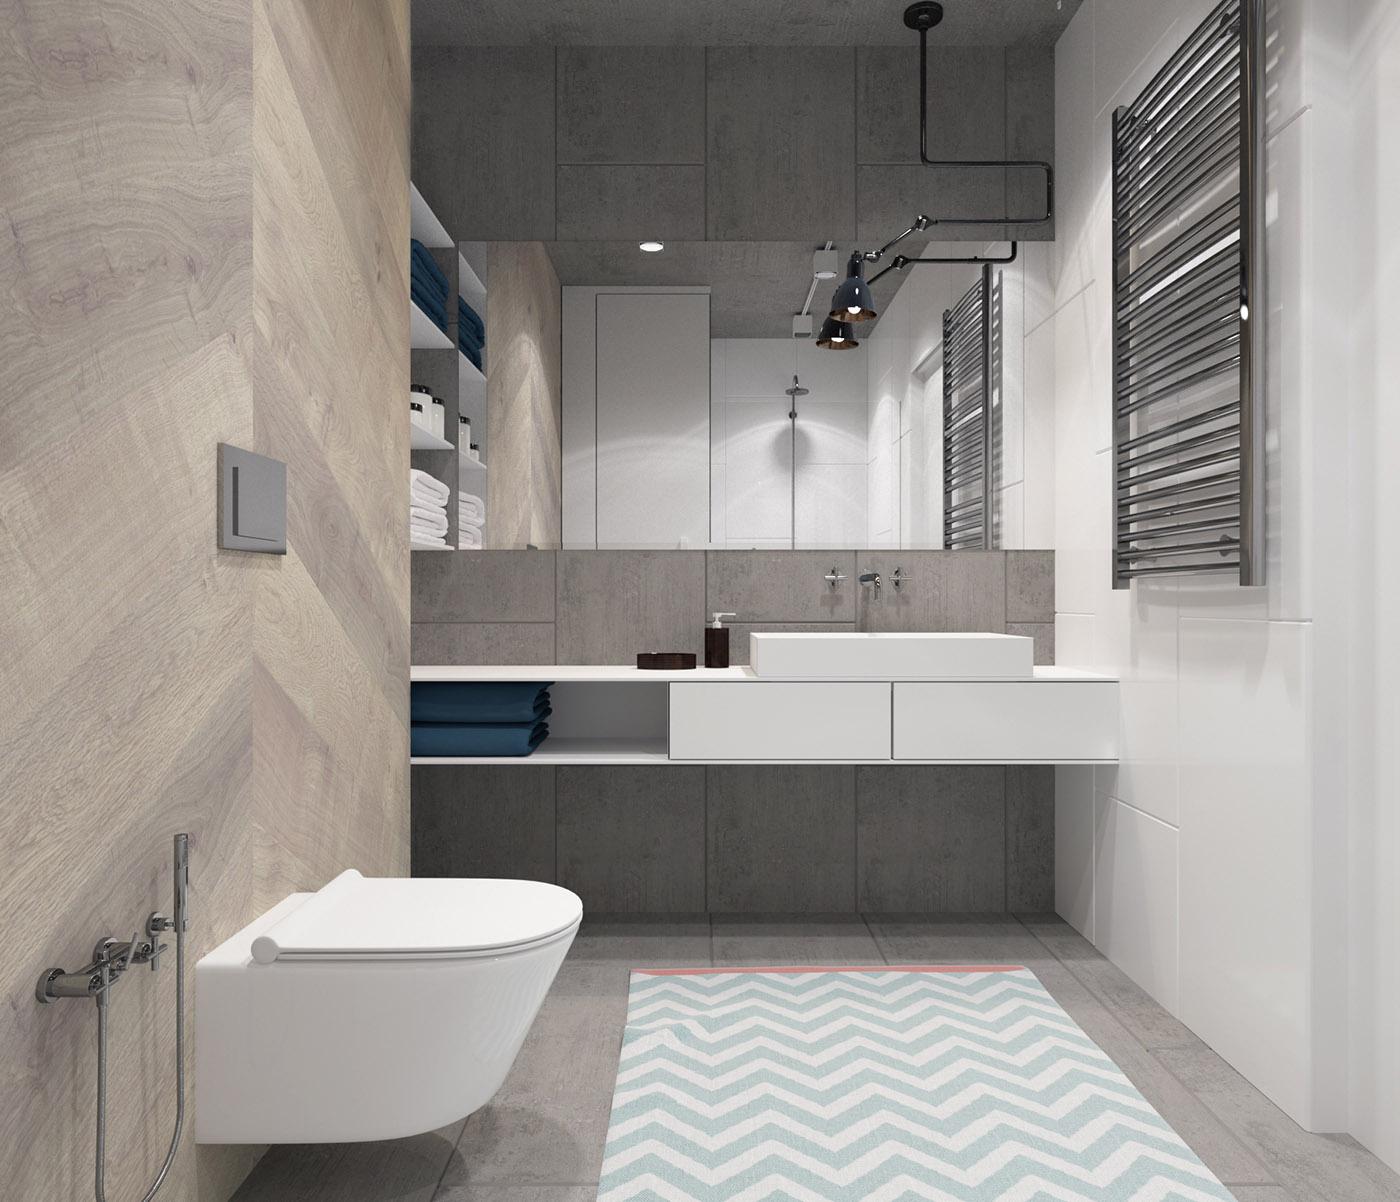 卫生间是家中比较隐秘的地方,一个好的卫生间可以为自己和家人带来健康与舒适。